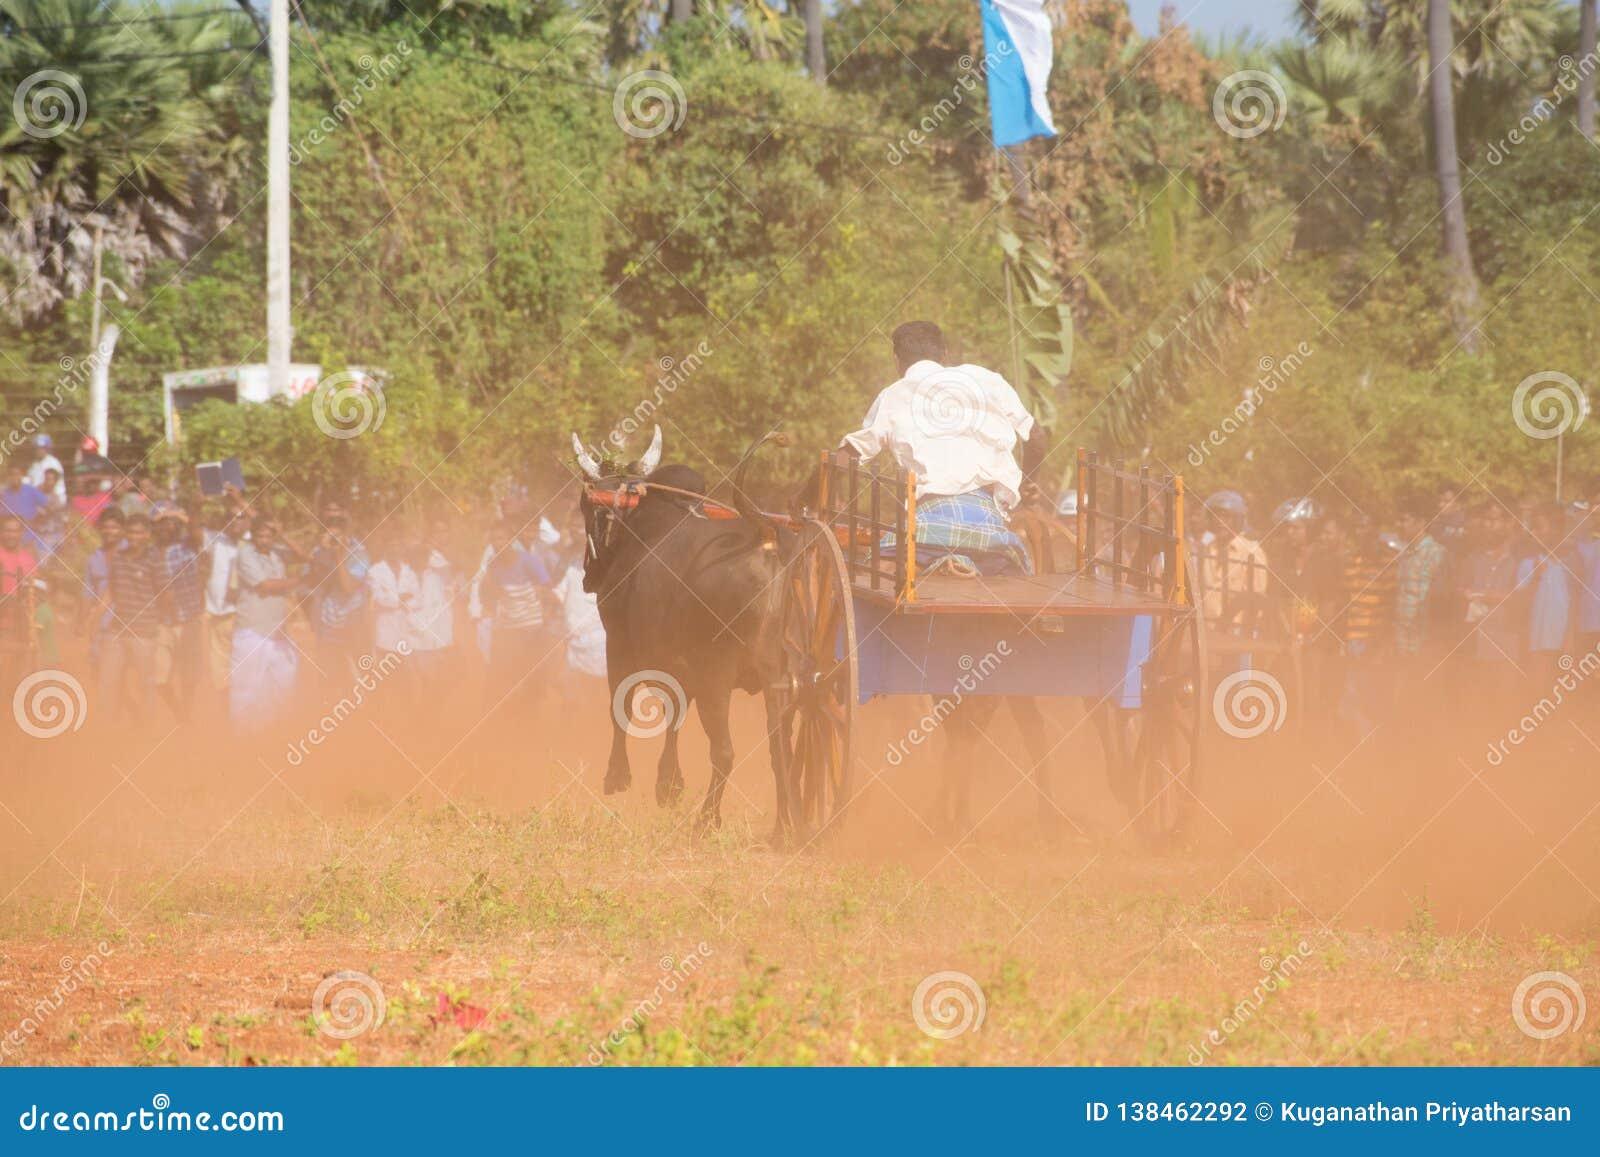 Actividad recreativa tradicional del deporte en Jaffna